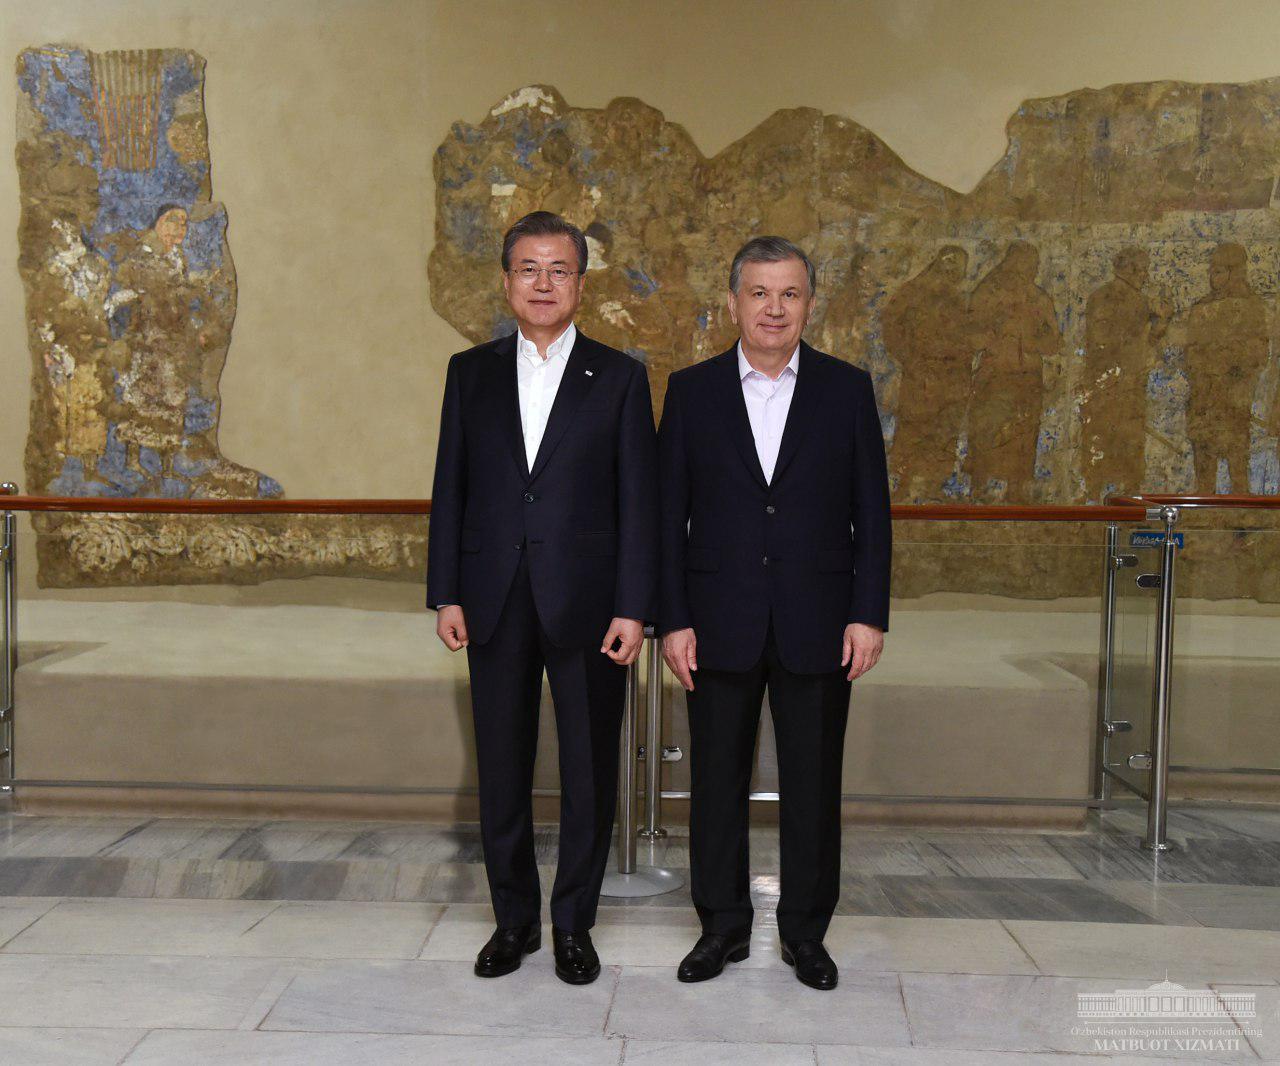 Corée du Sud Moon Jae-In Chavkat Mirzioïev Ouzbékistan Visite Samarcande Route de la soie